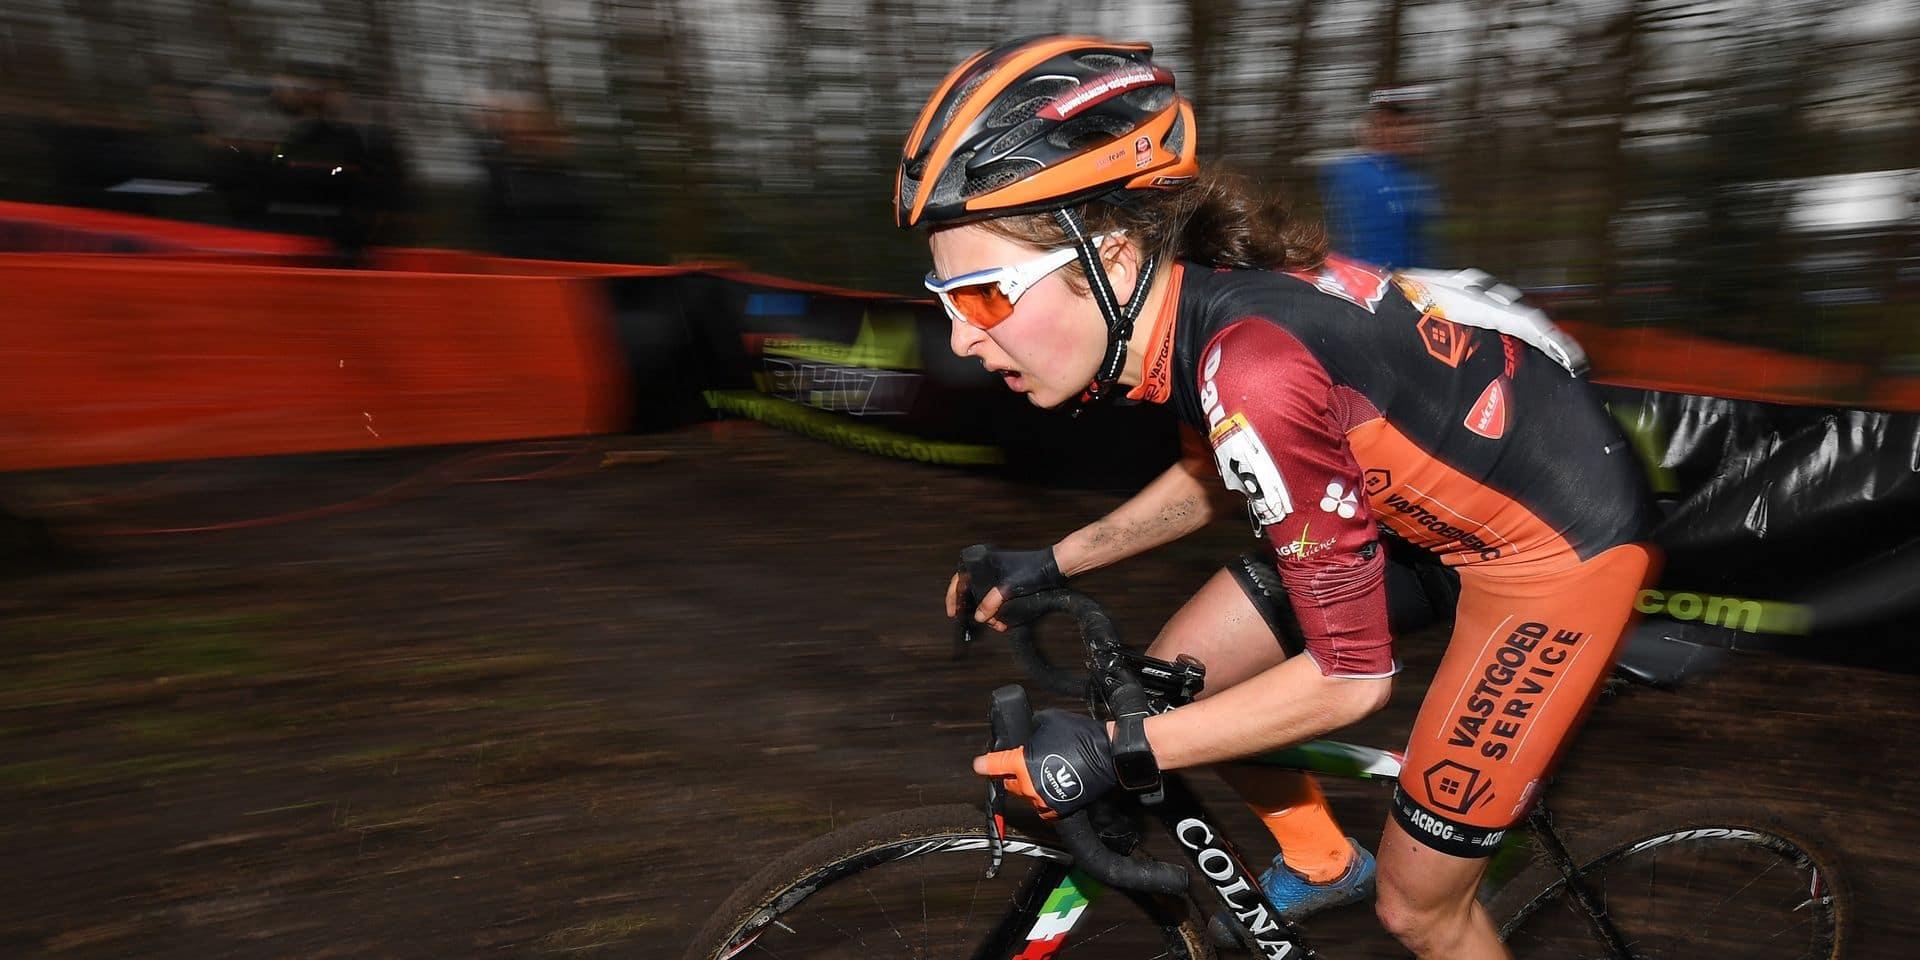 Décès à 31 ans de la cycliste Jolien Verschueren